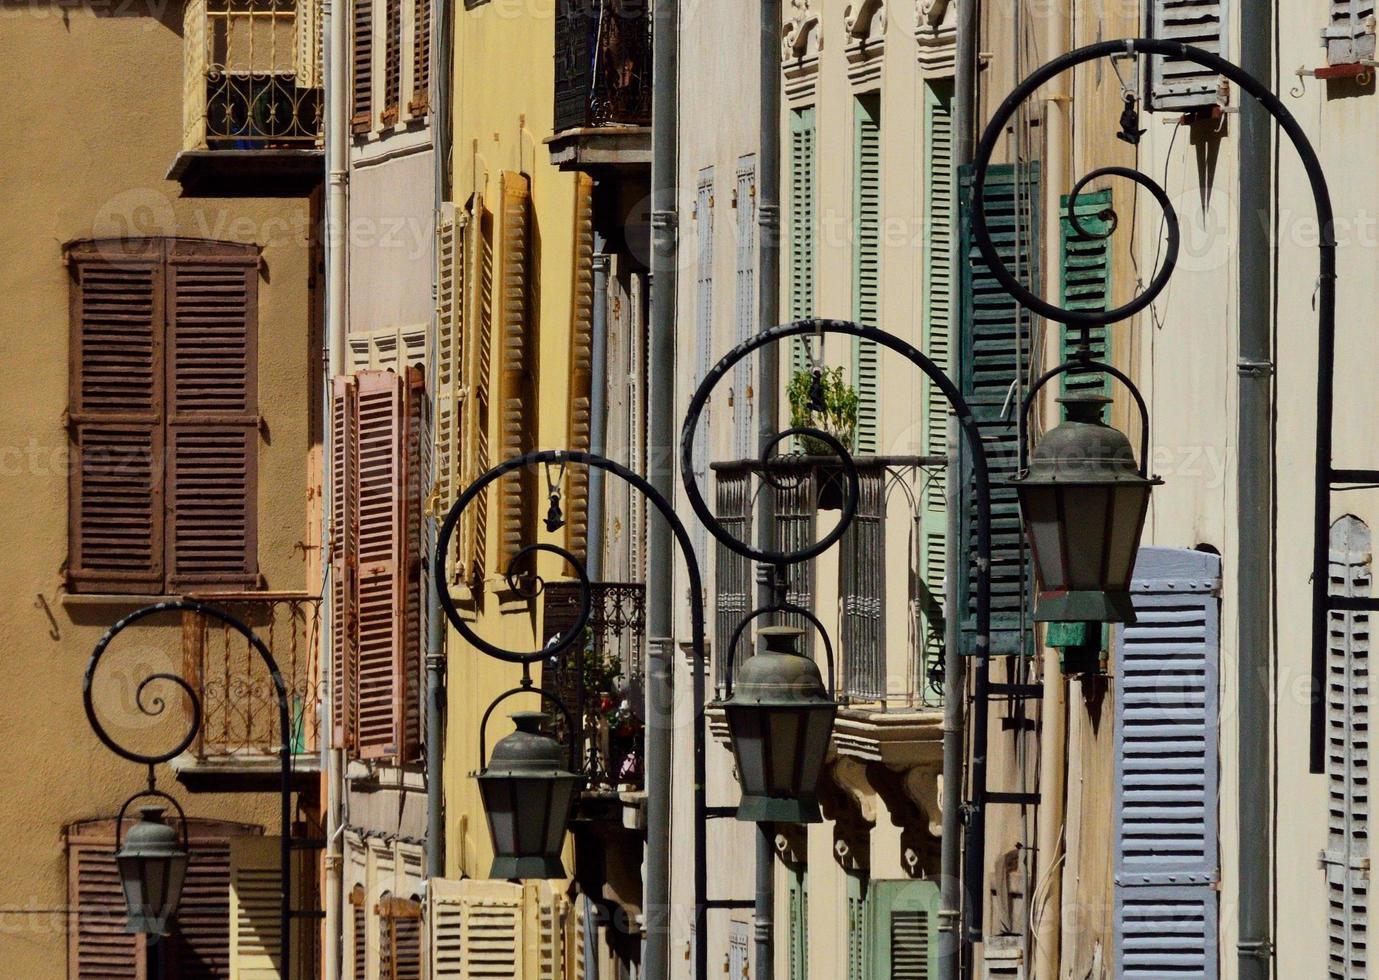 gatuljus och gamla fönster i antikroppar foto